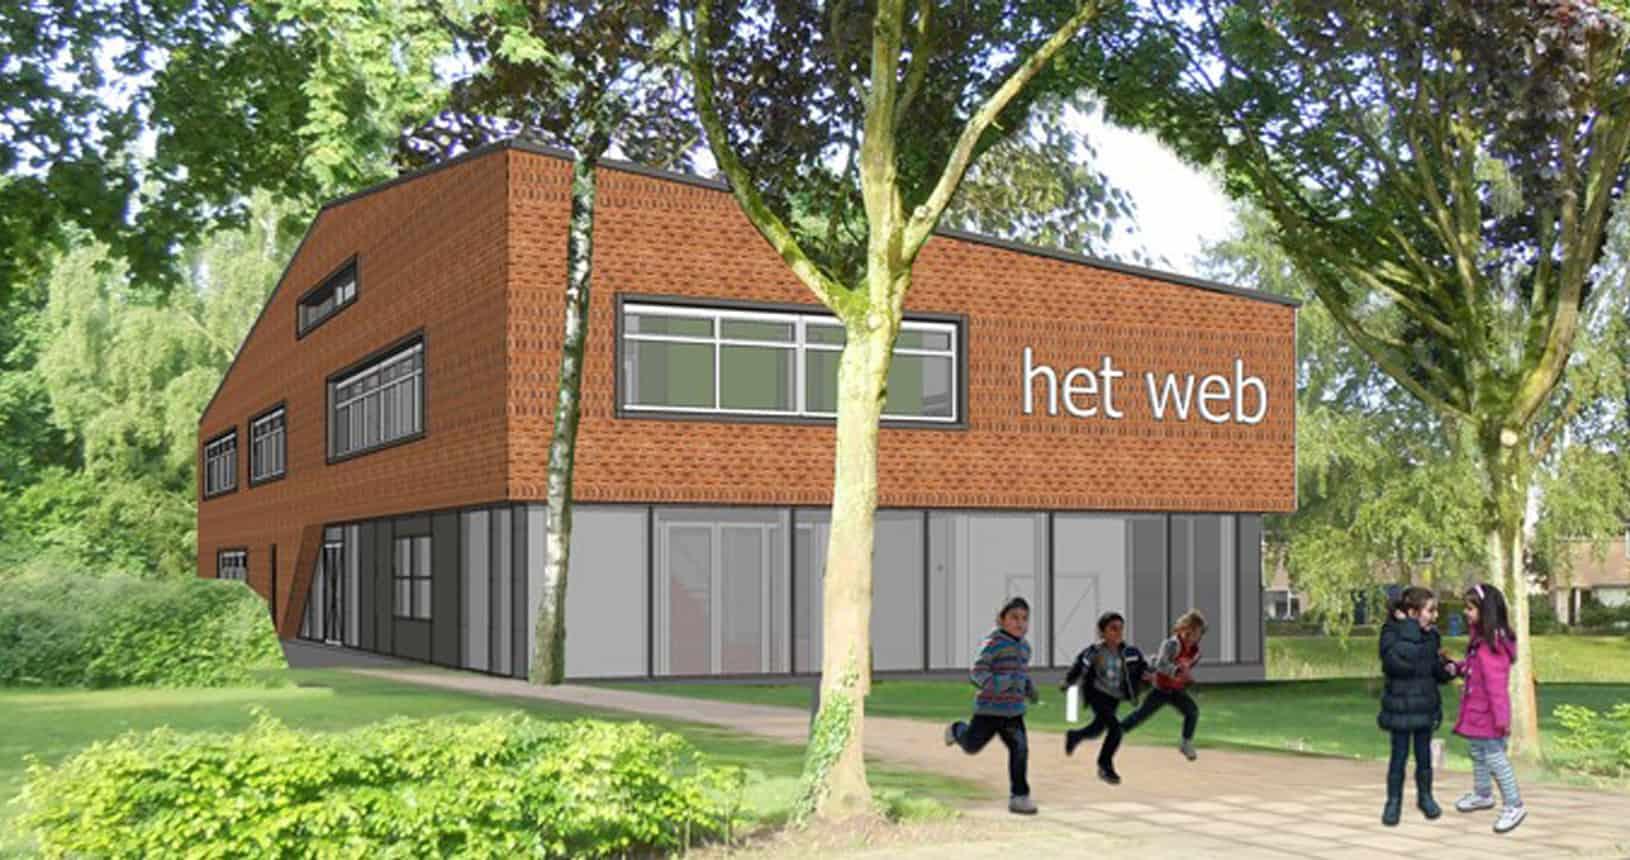 Het-Web-Apeldoorn-update-BJ1